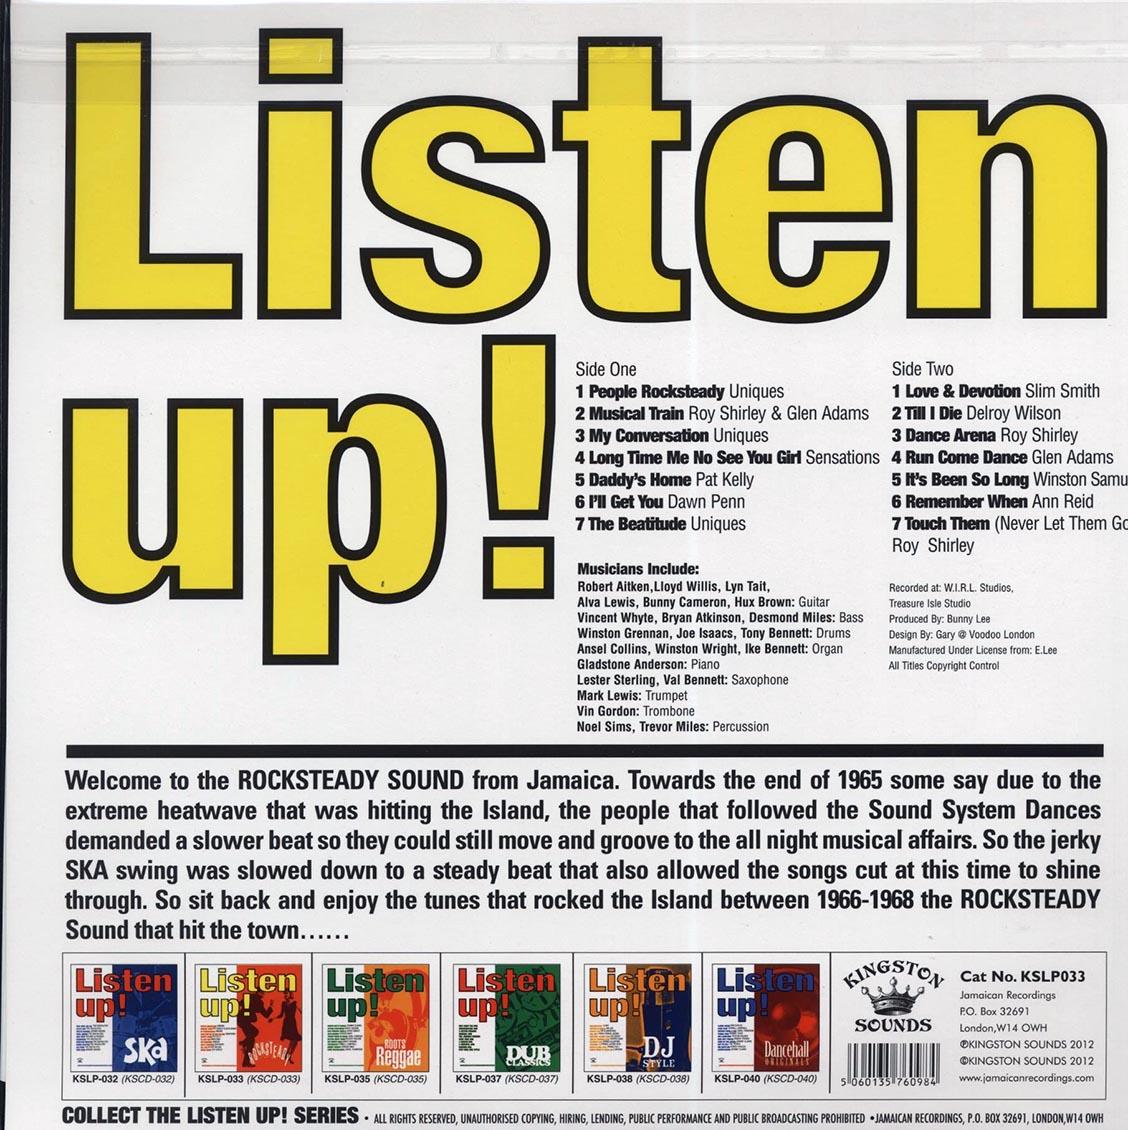 Listen Up: Rock Steady [LP]